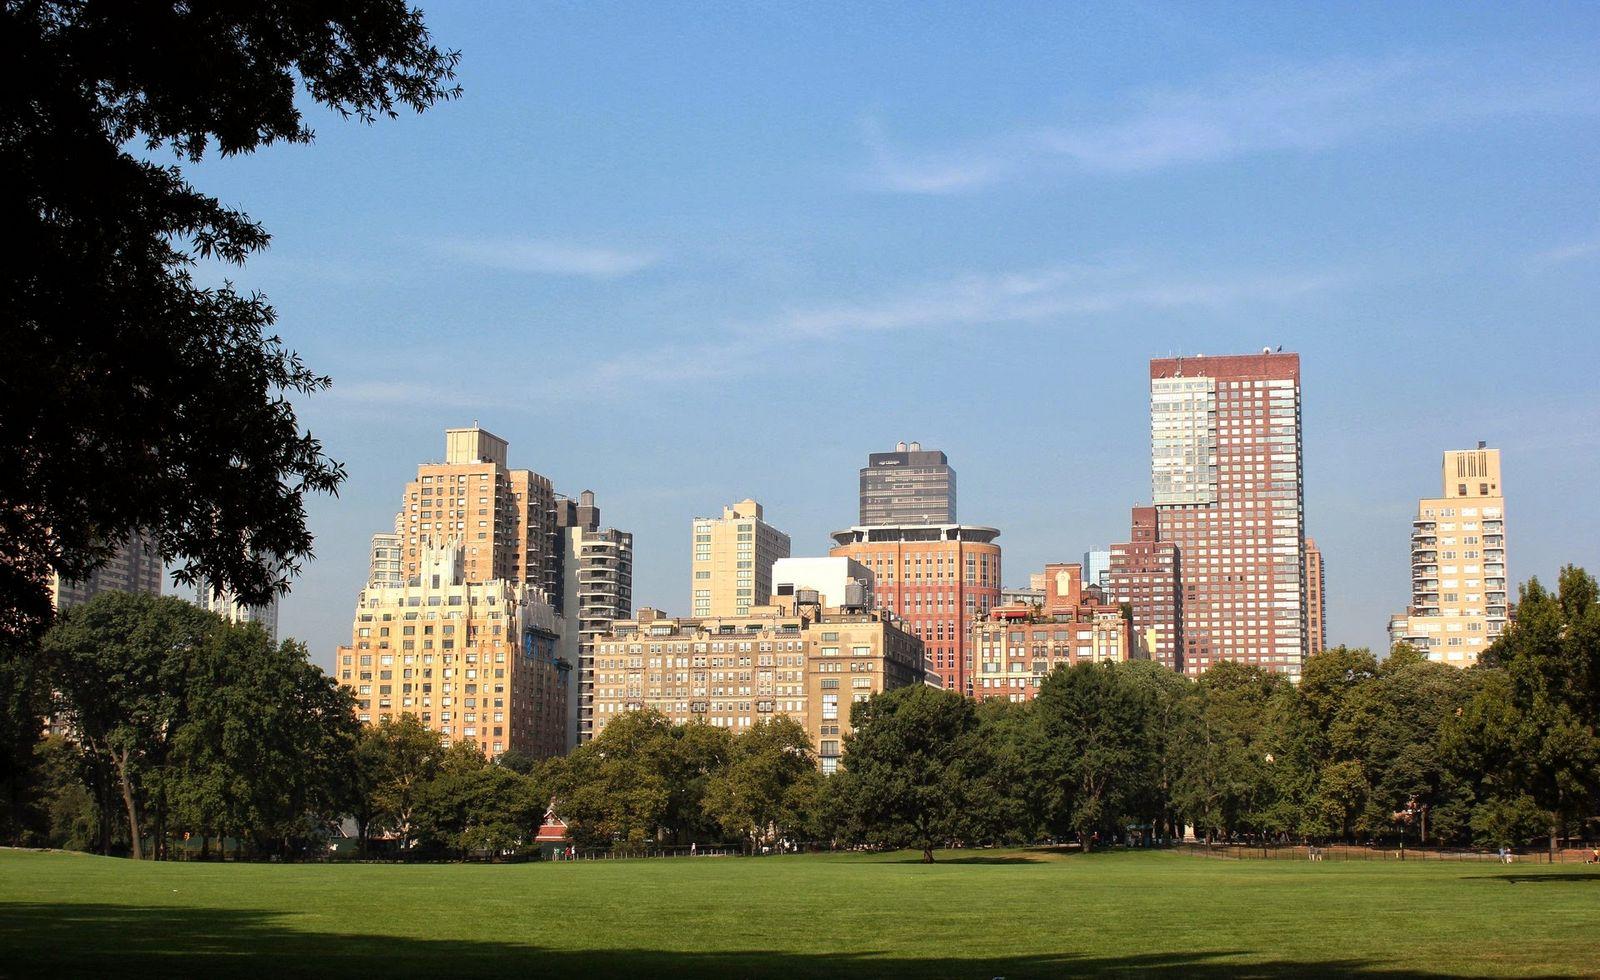 El perfil del Upper West Side